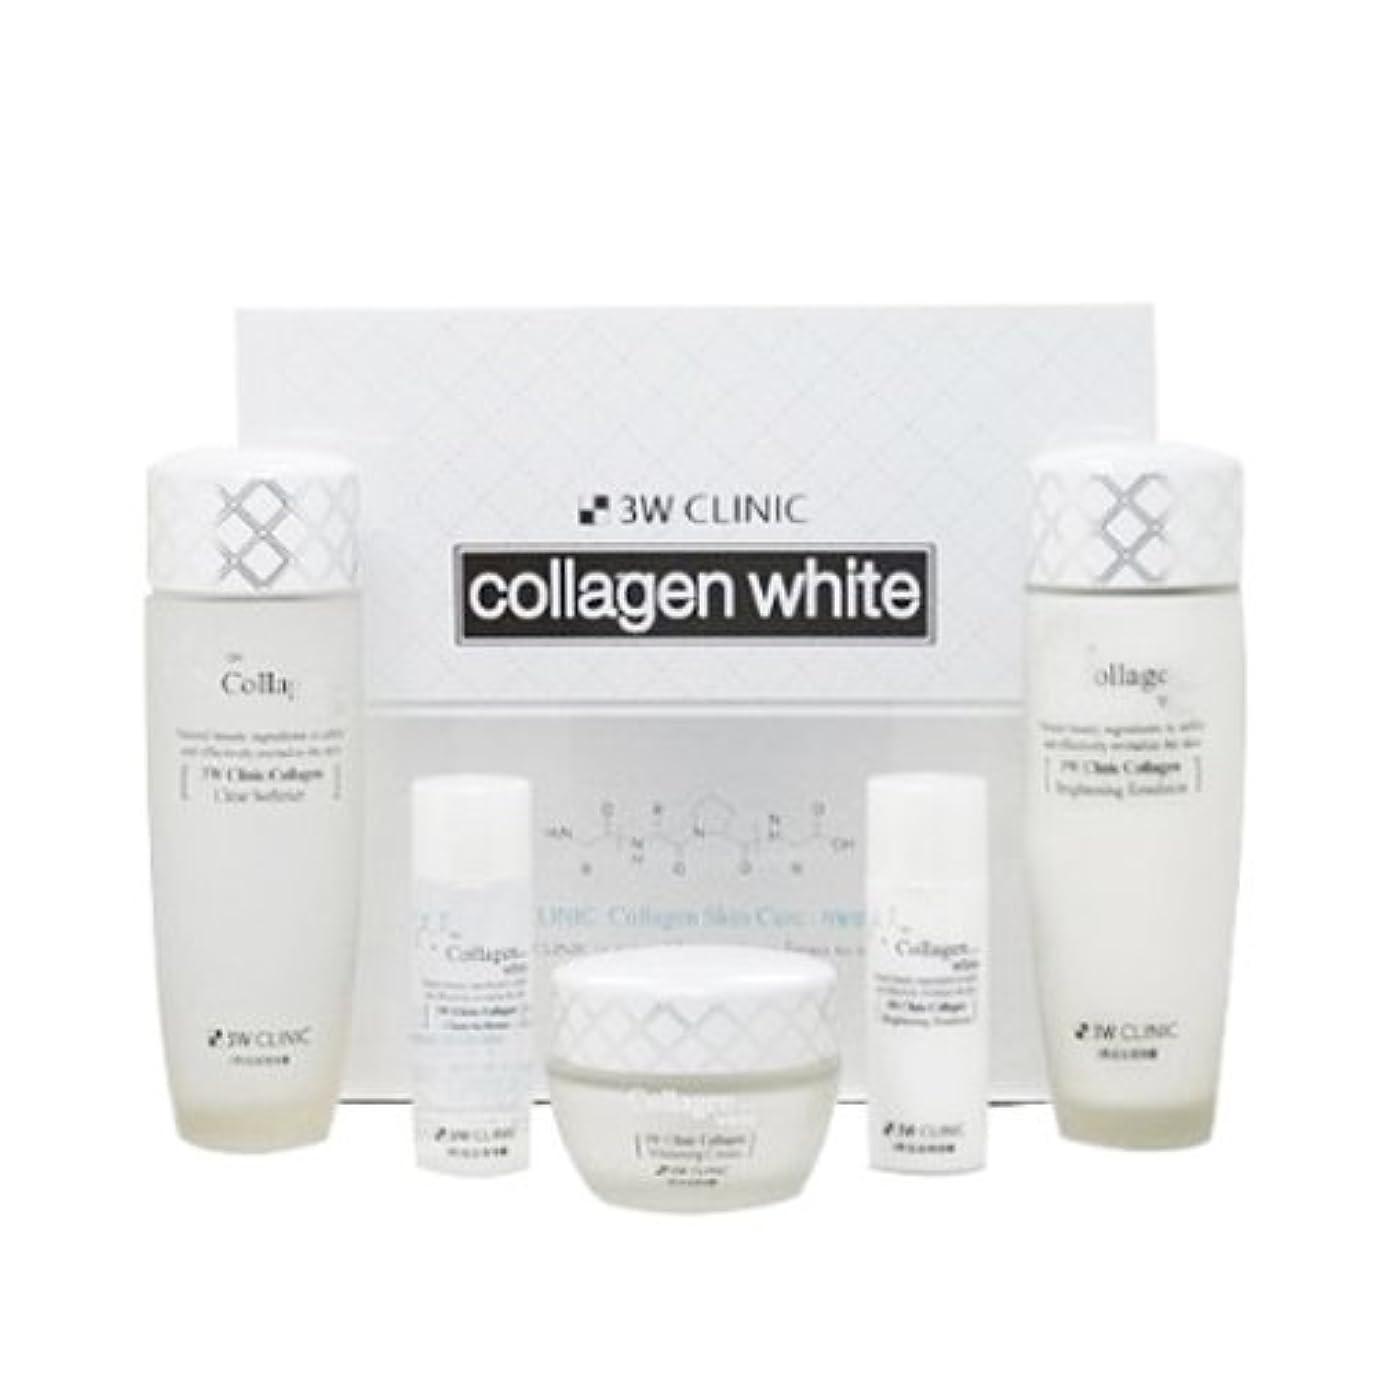 ひどくどんよりした愛国的な3Wクリニック[韓国コスメ3w Clinic]Collagen White Skin Care コラーゲンホワイトスキンケア3セット樹液,乳液,クリーム [並行輸入品]